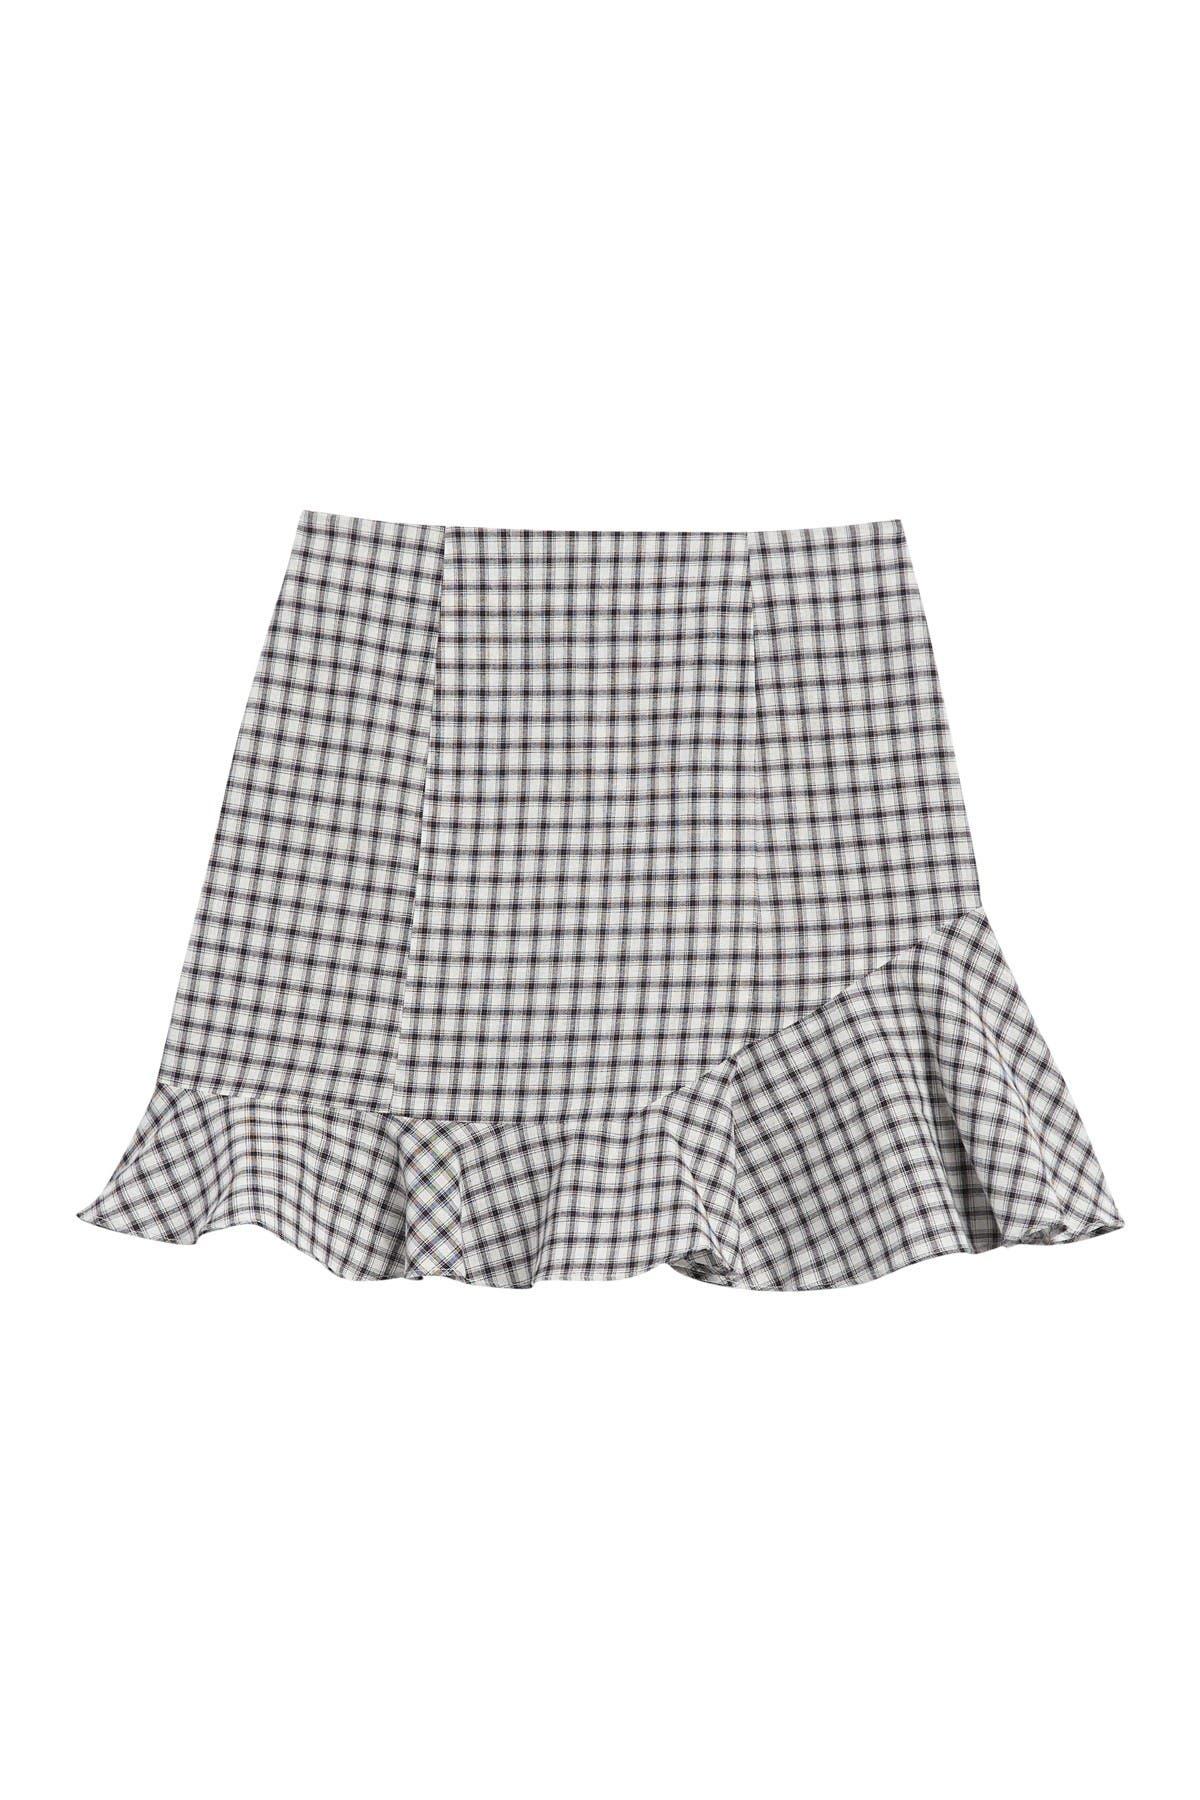 Image of MINKPINK Taleah Gingham Mini Skirt